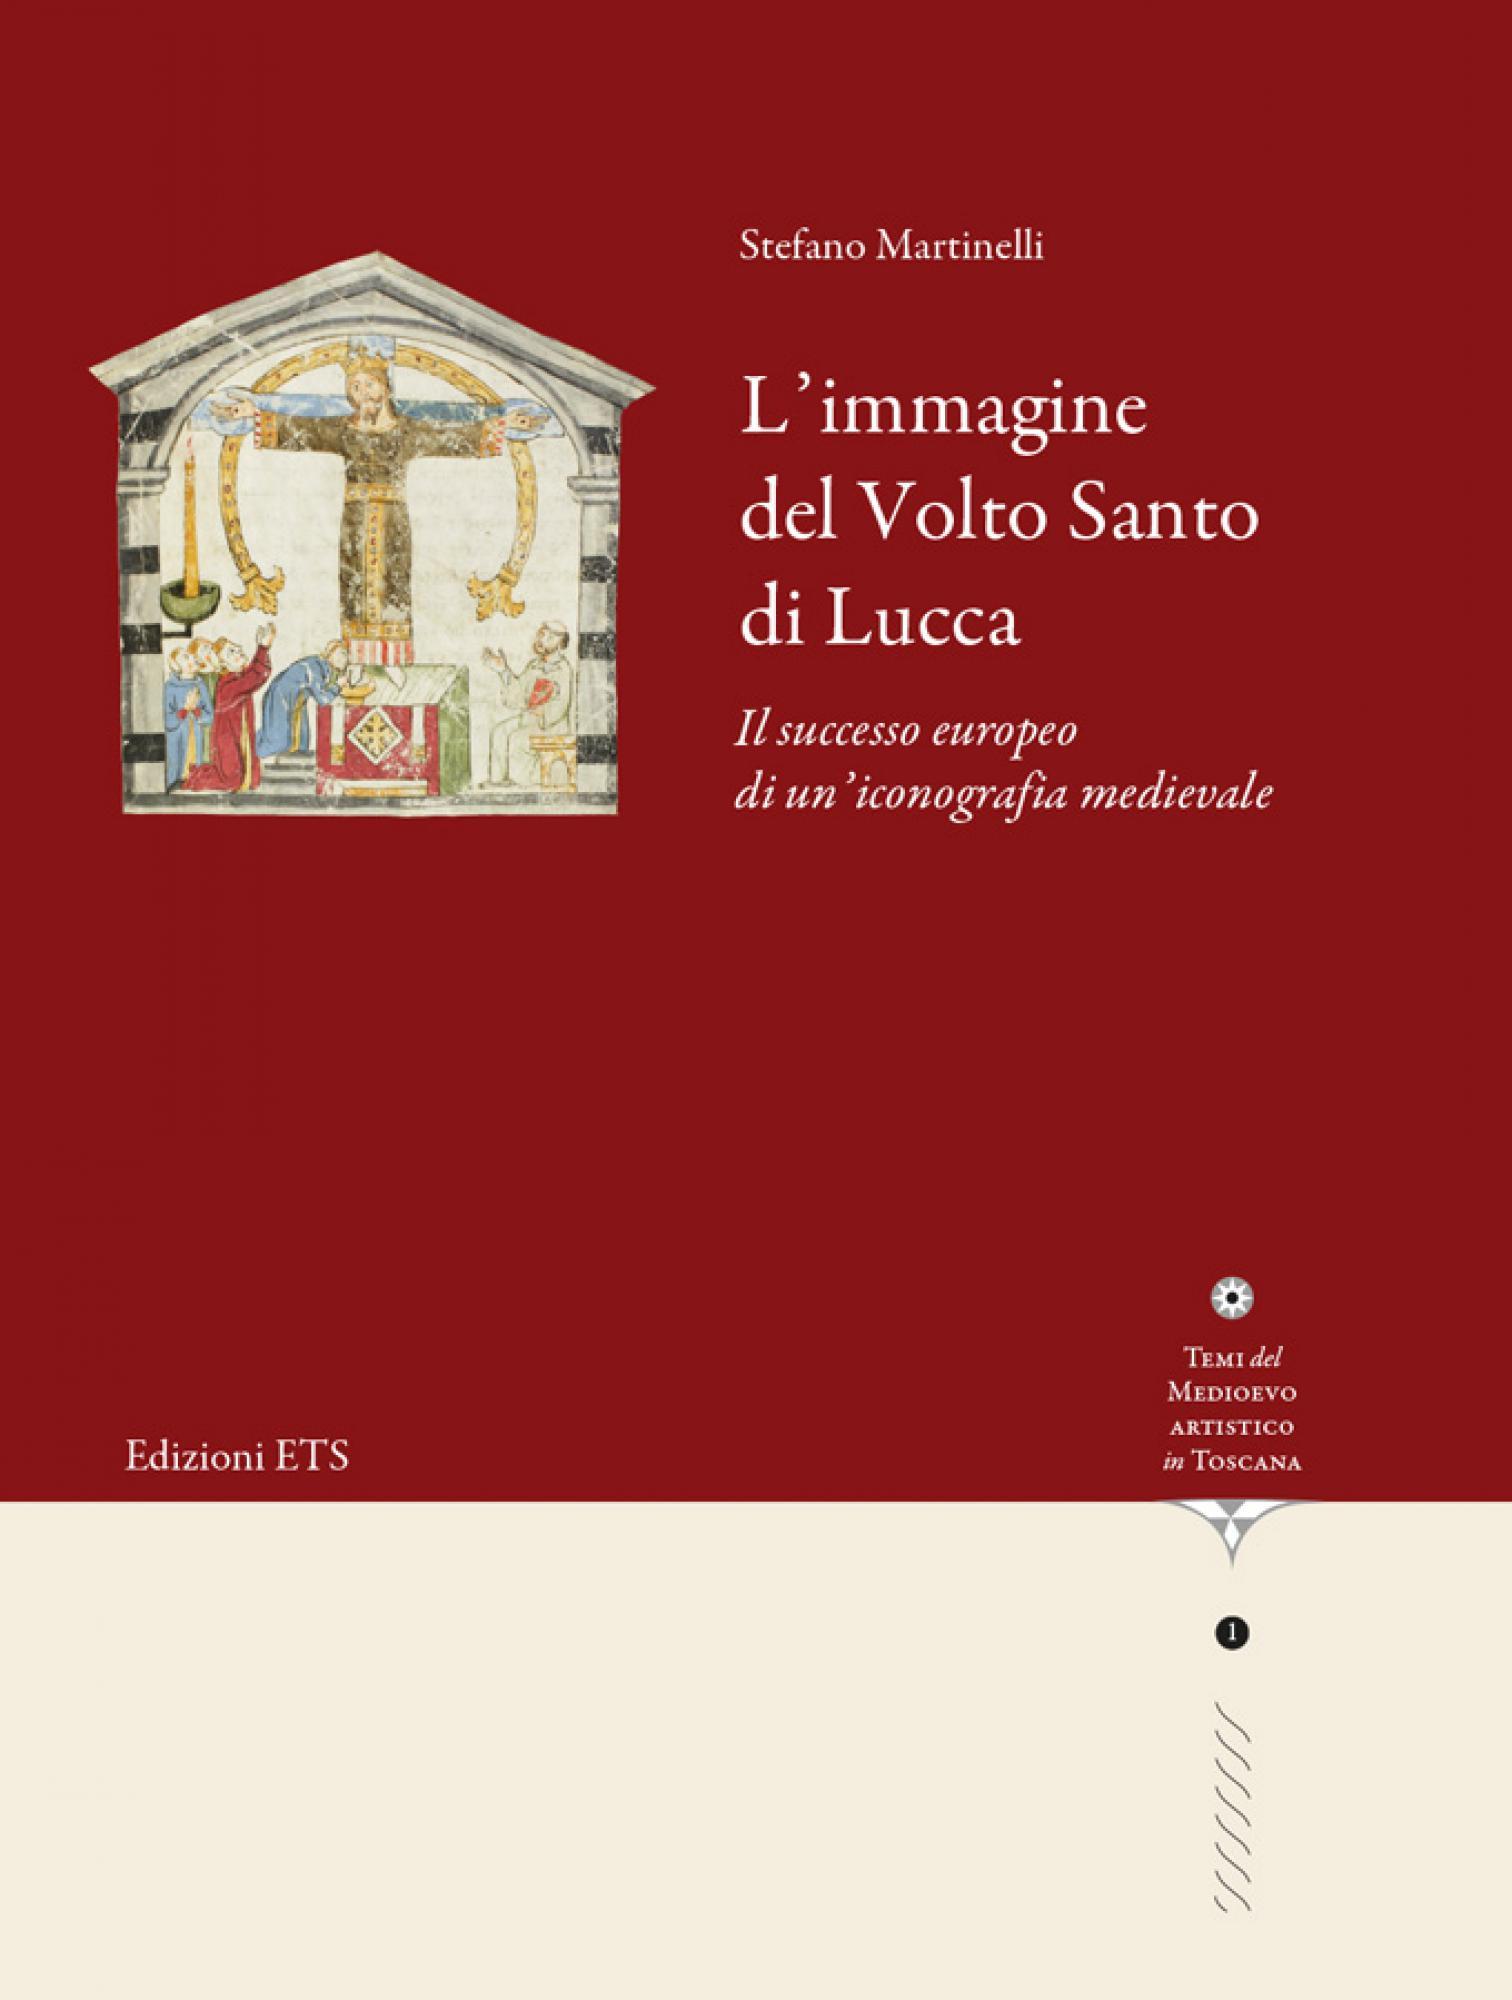 L'immagine del Volto Santo di Lucca.Il successo europeo di un'iconografia medievale